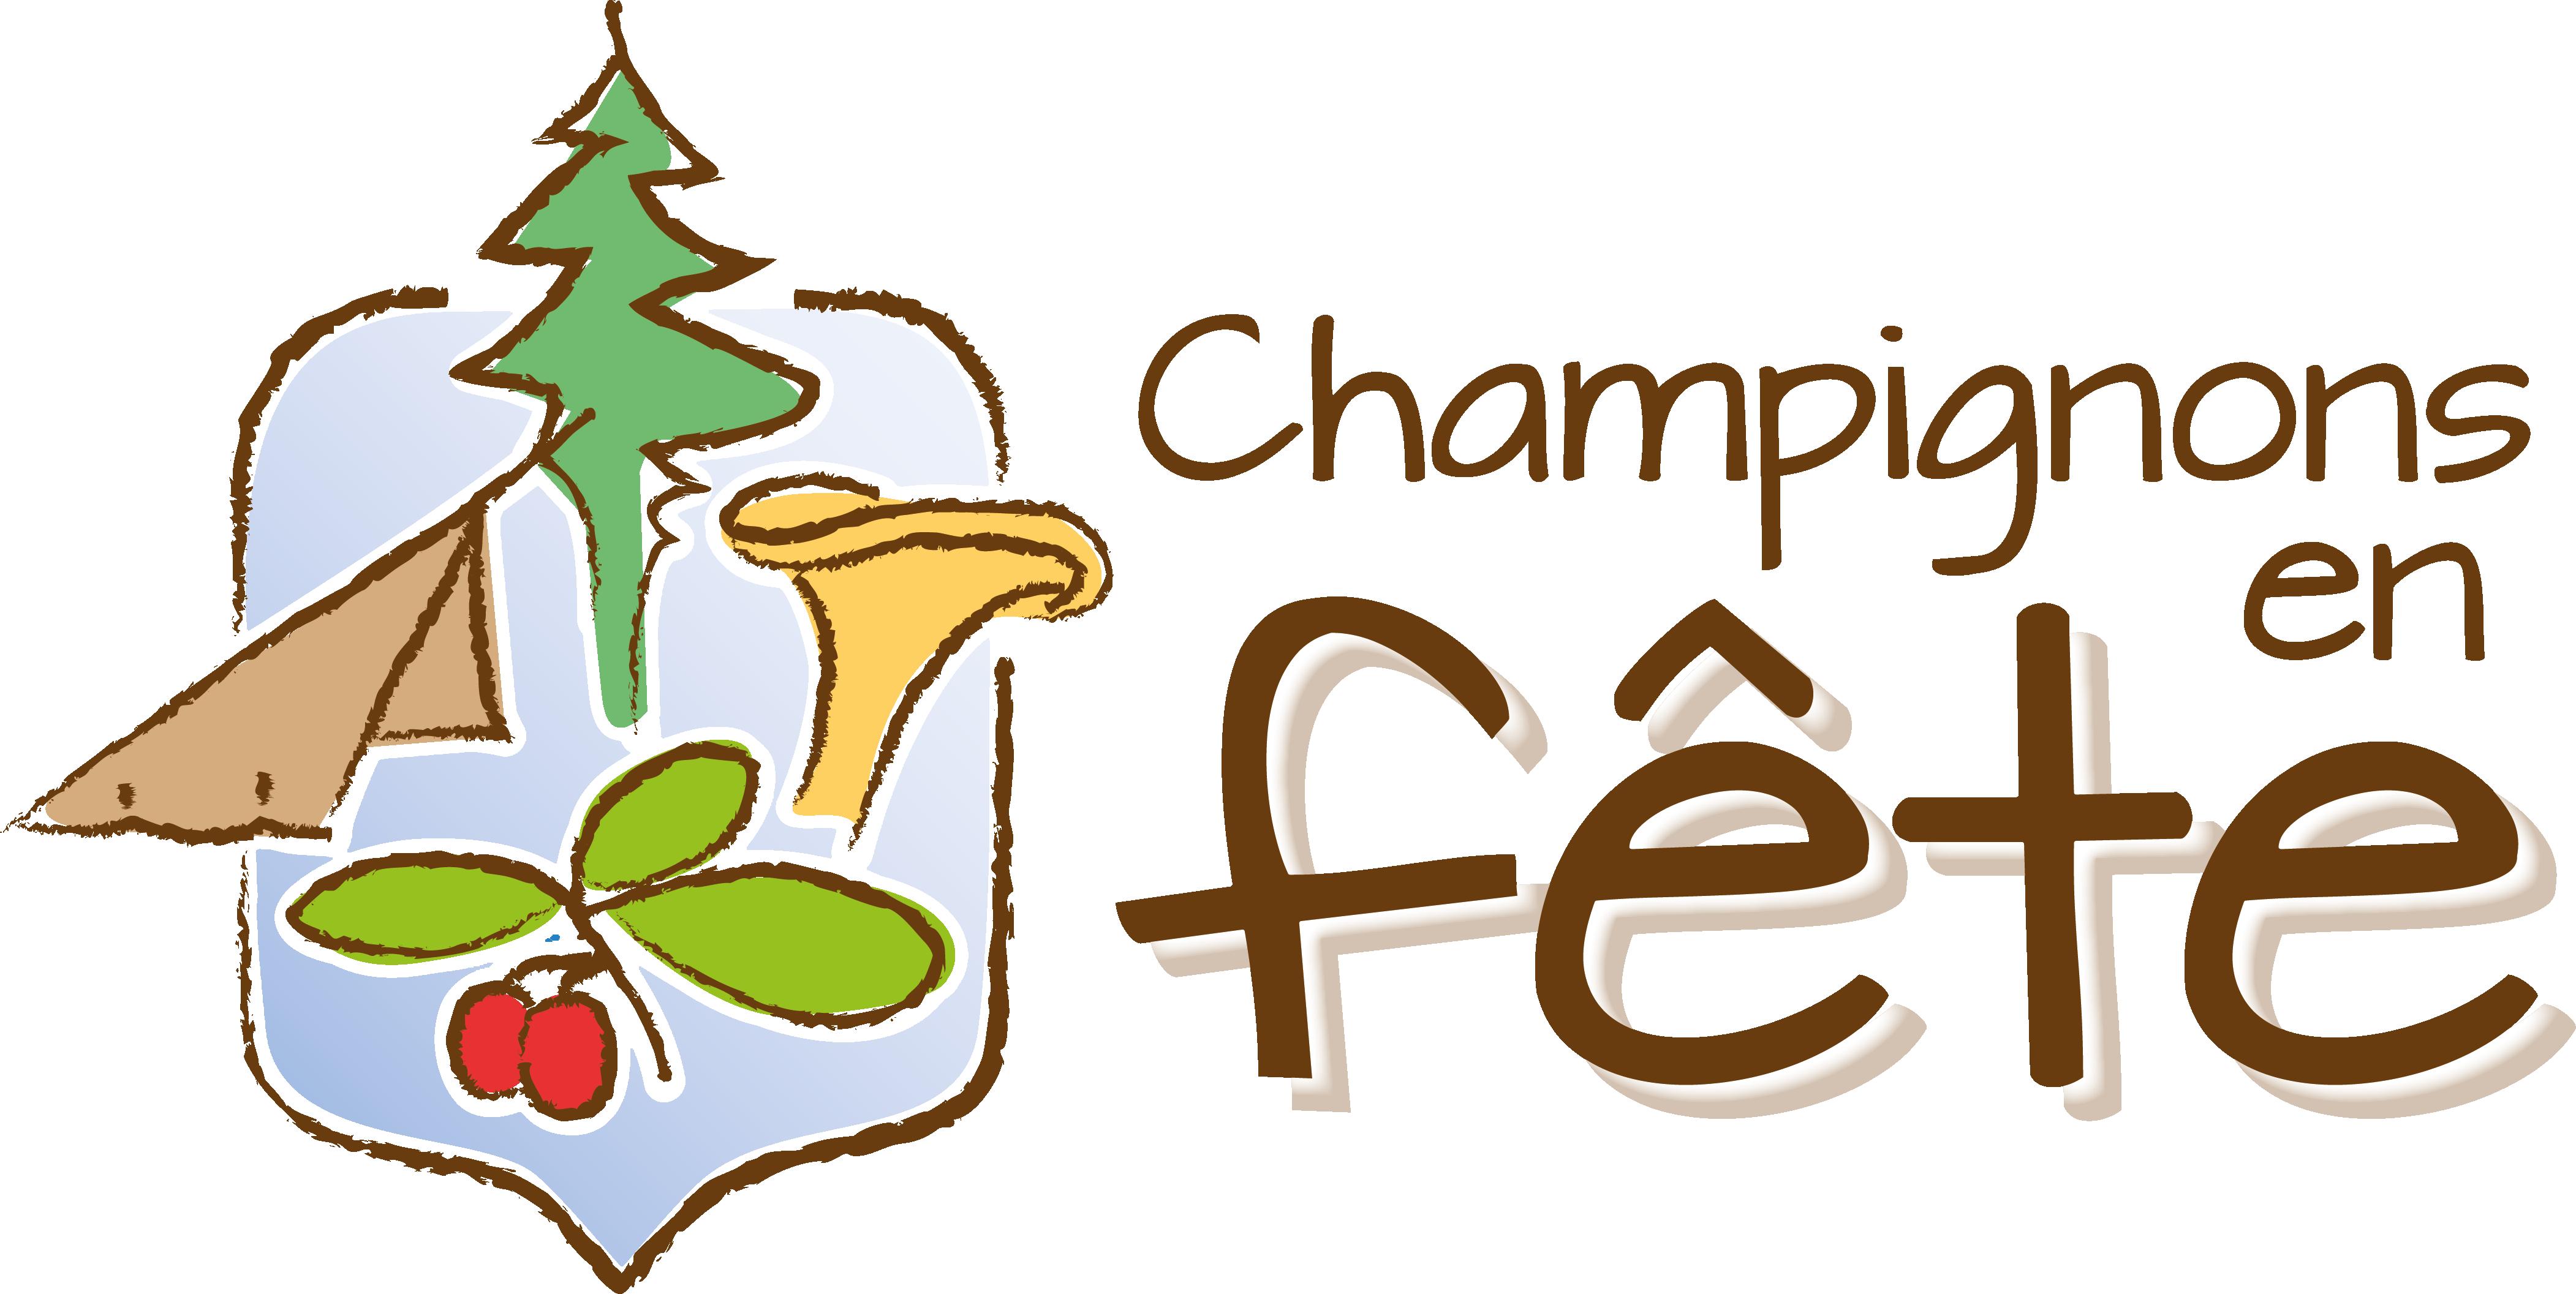 Champignons en Fête 2017